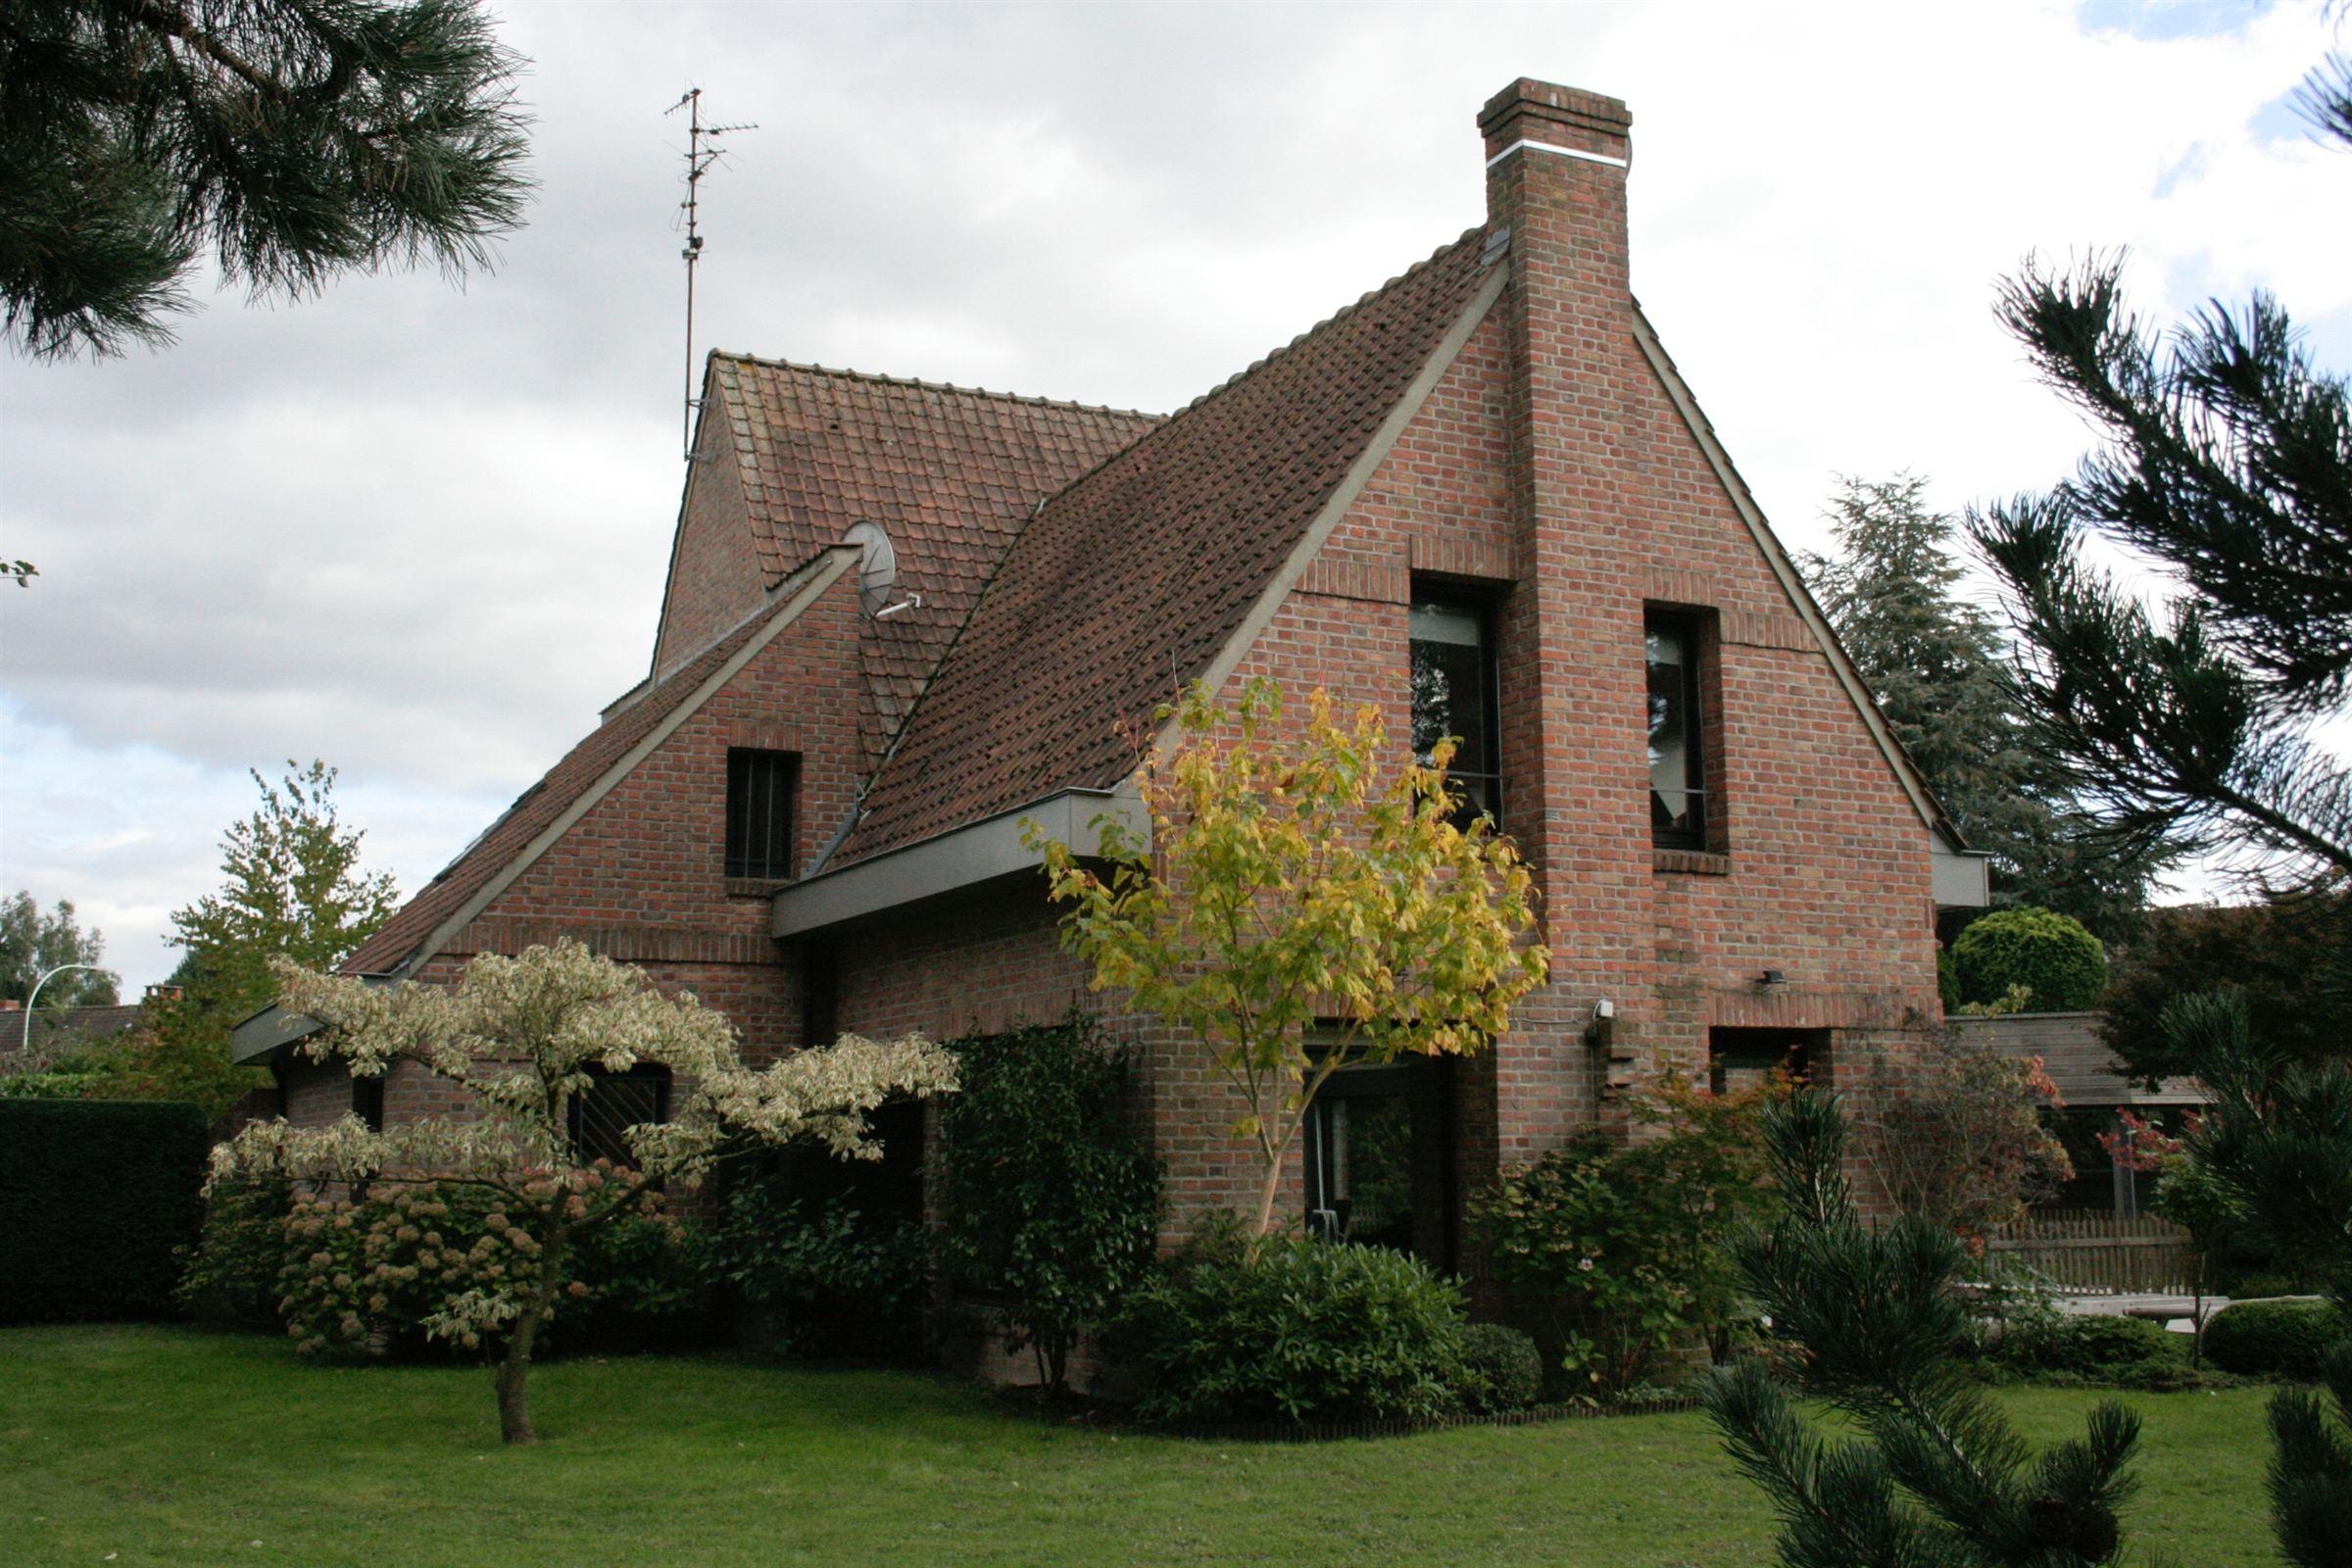 Property For Sale at VILLENEUVE D'ASCQ, Maison de famille 180 m2 hab. 5 ch